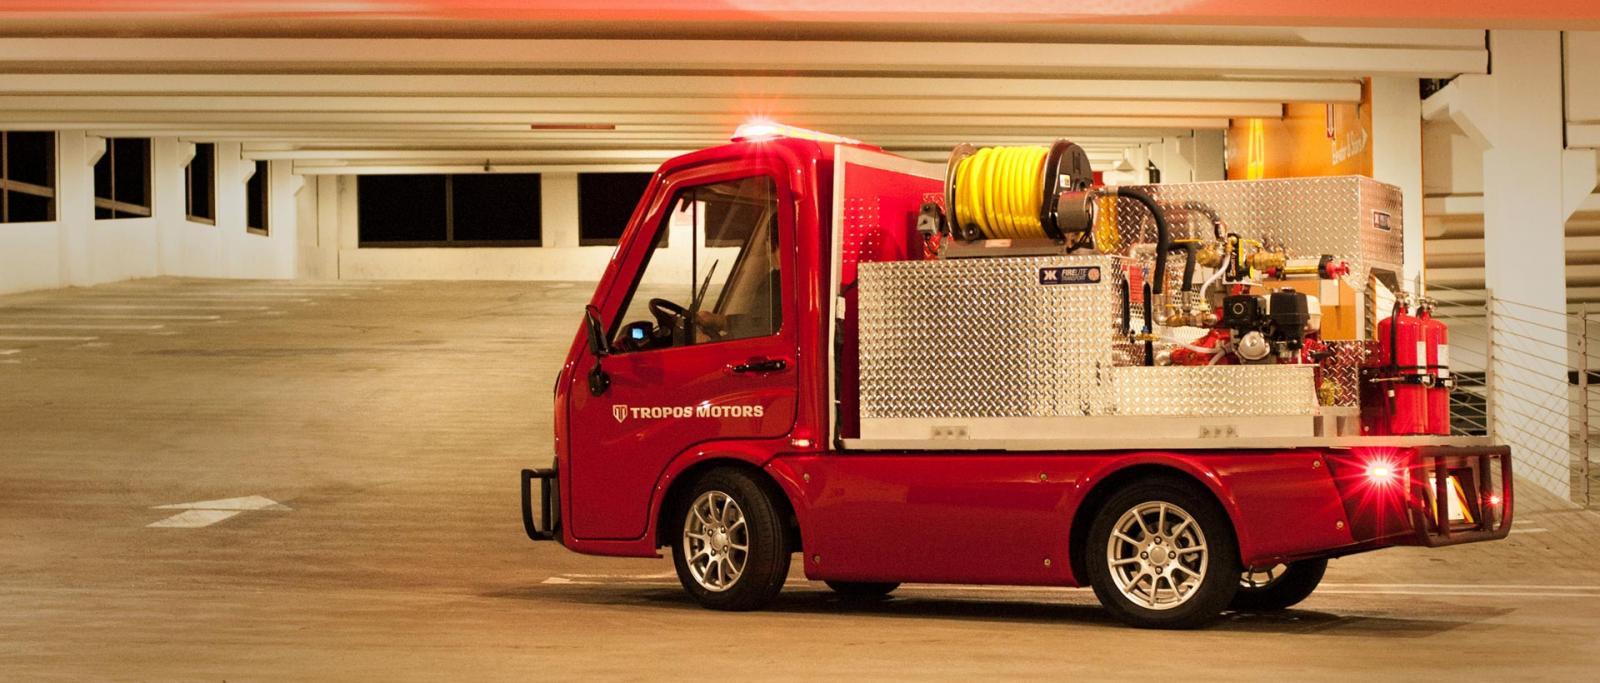 Panasonic cree que el futuro de la movilidad urbana está en los autos modulares